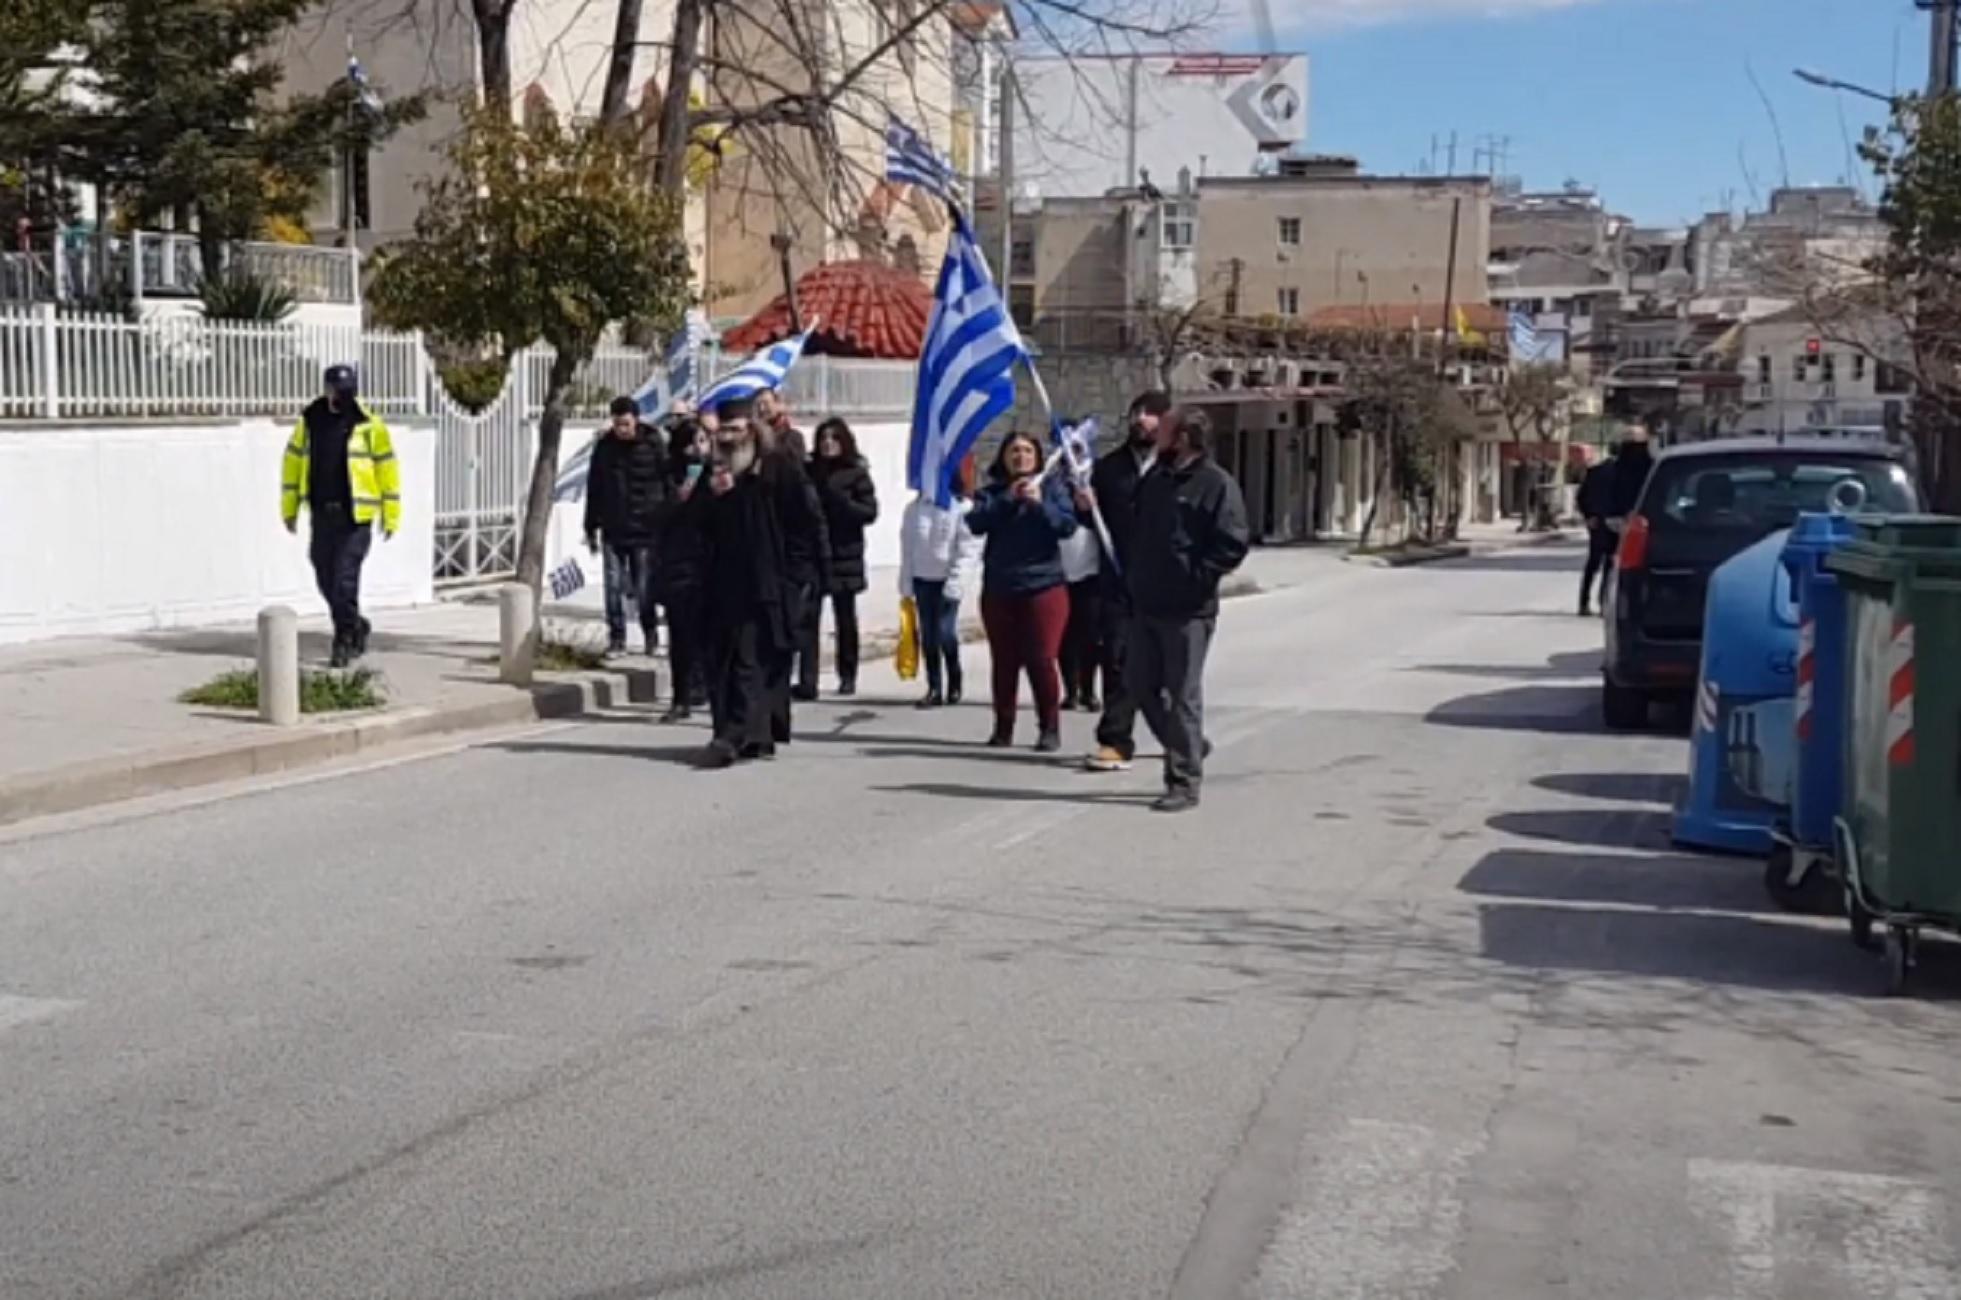 Κιλκίς: Η παρέλαση που βάζει σε σκέψεις – Ο ιερέας και τα συνθήματα της ομάδας του (video)